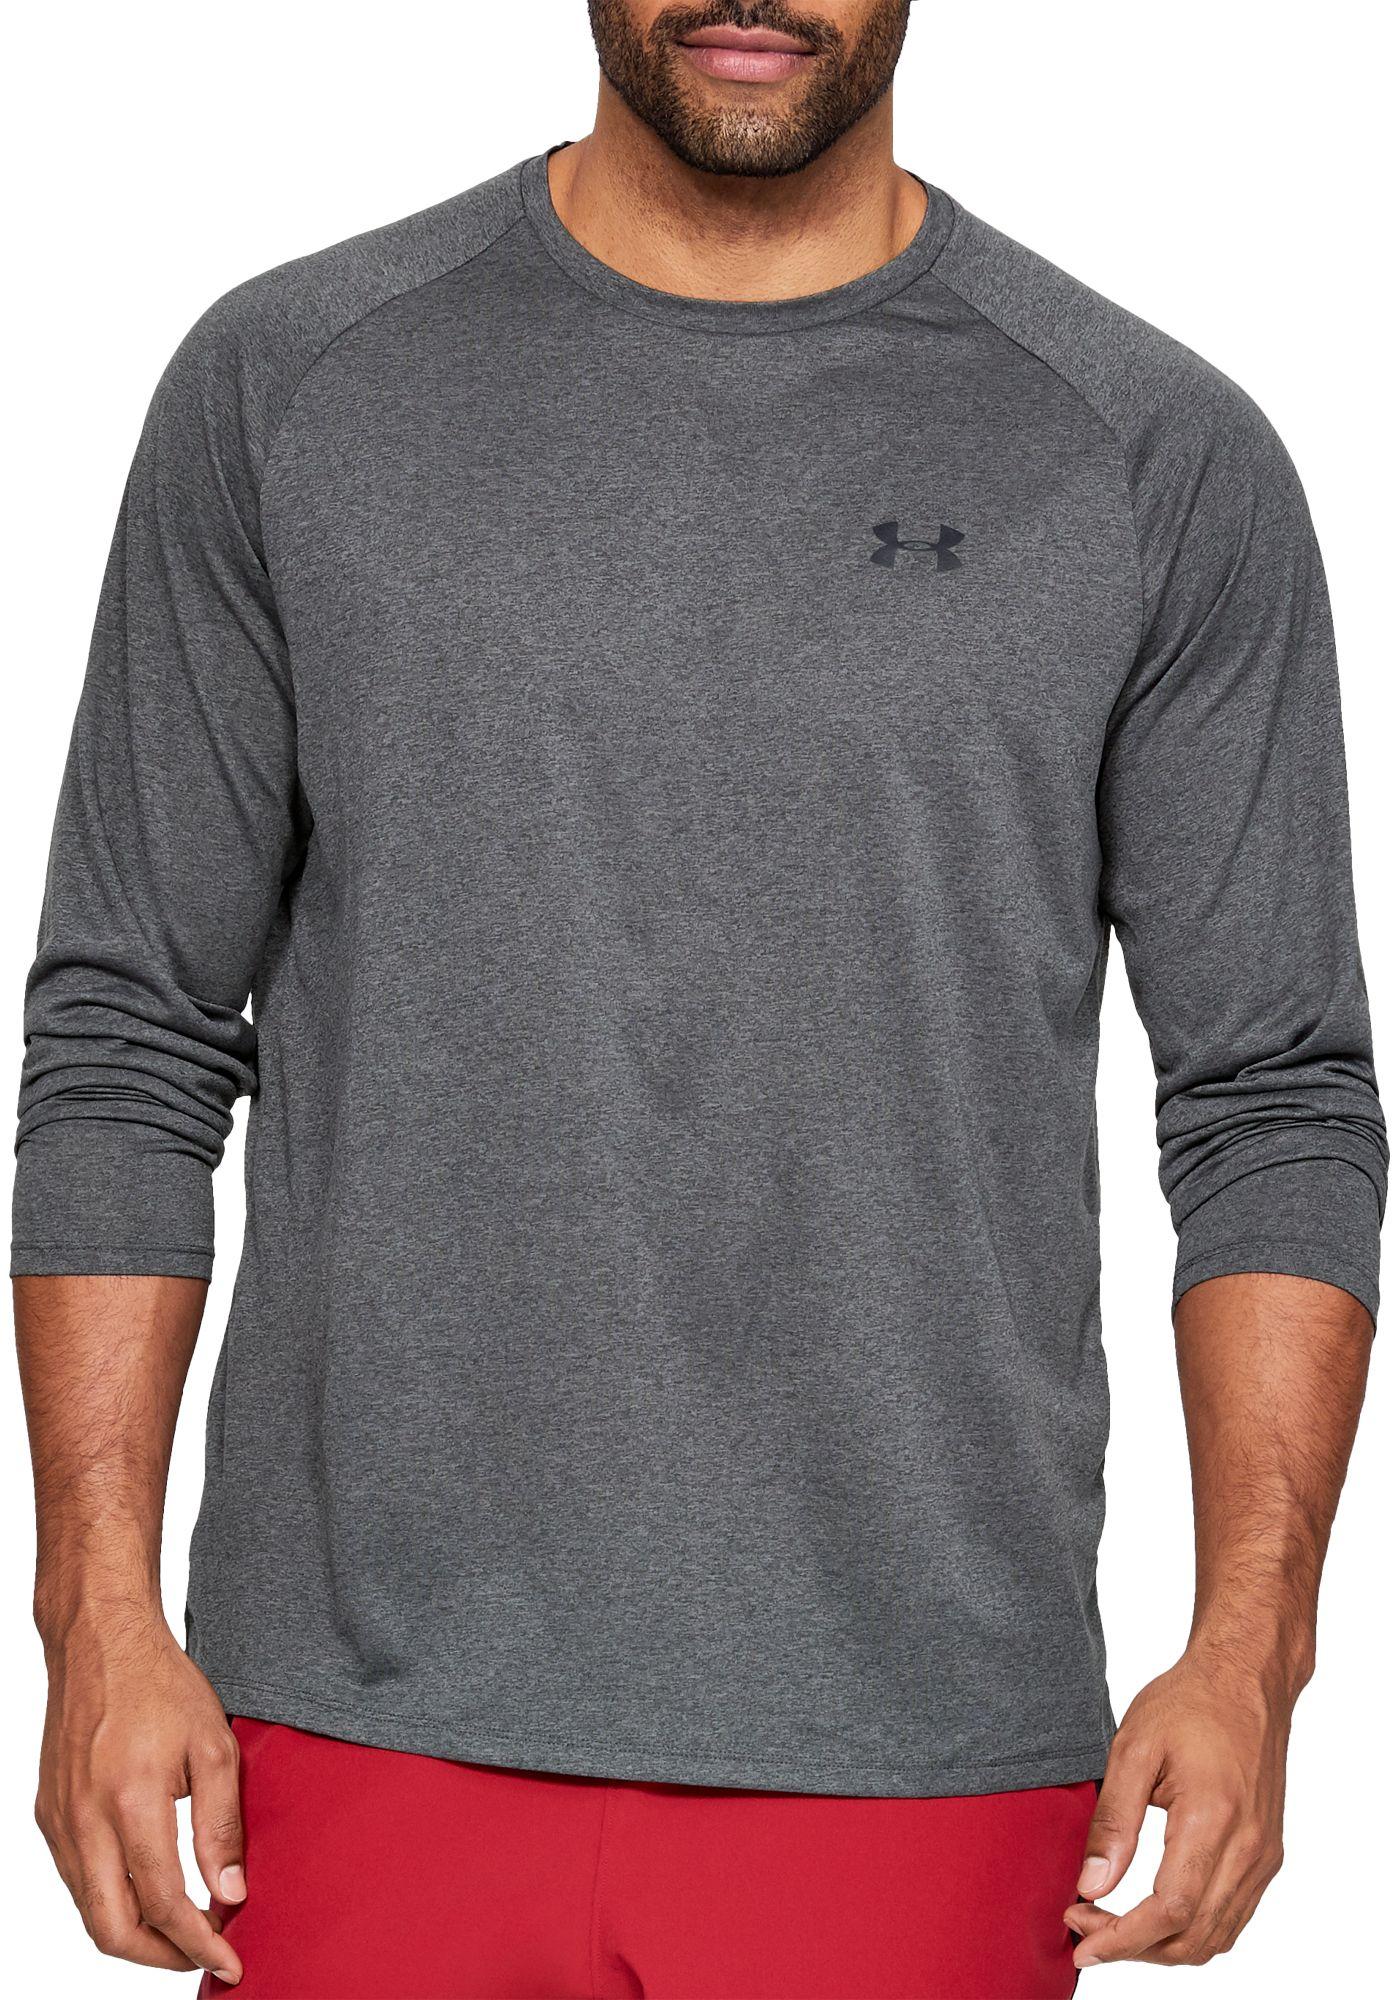 Under Armour Men's Tech Long Sleeve Shirt (Regular and Big & Tall)